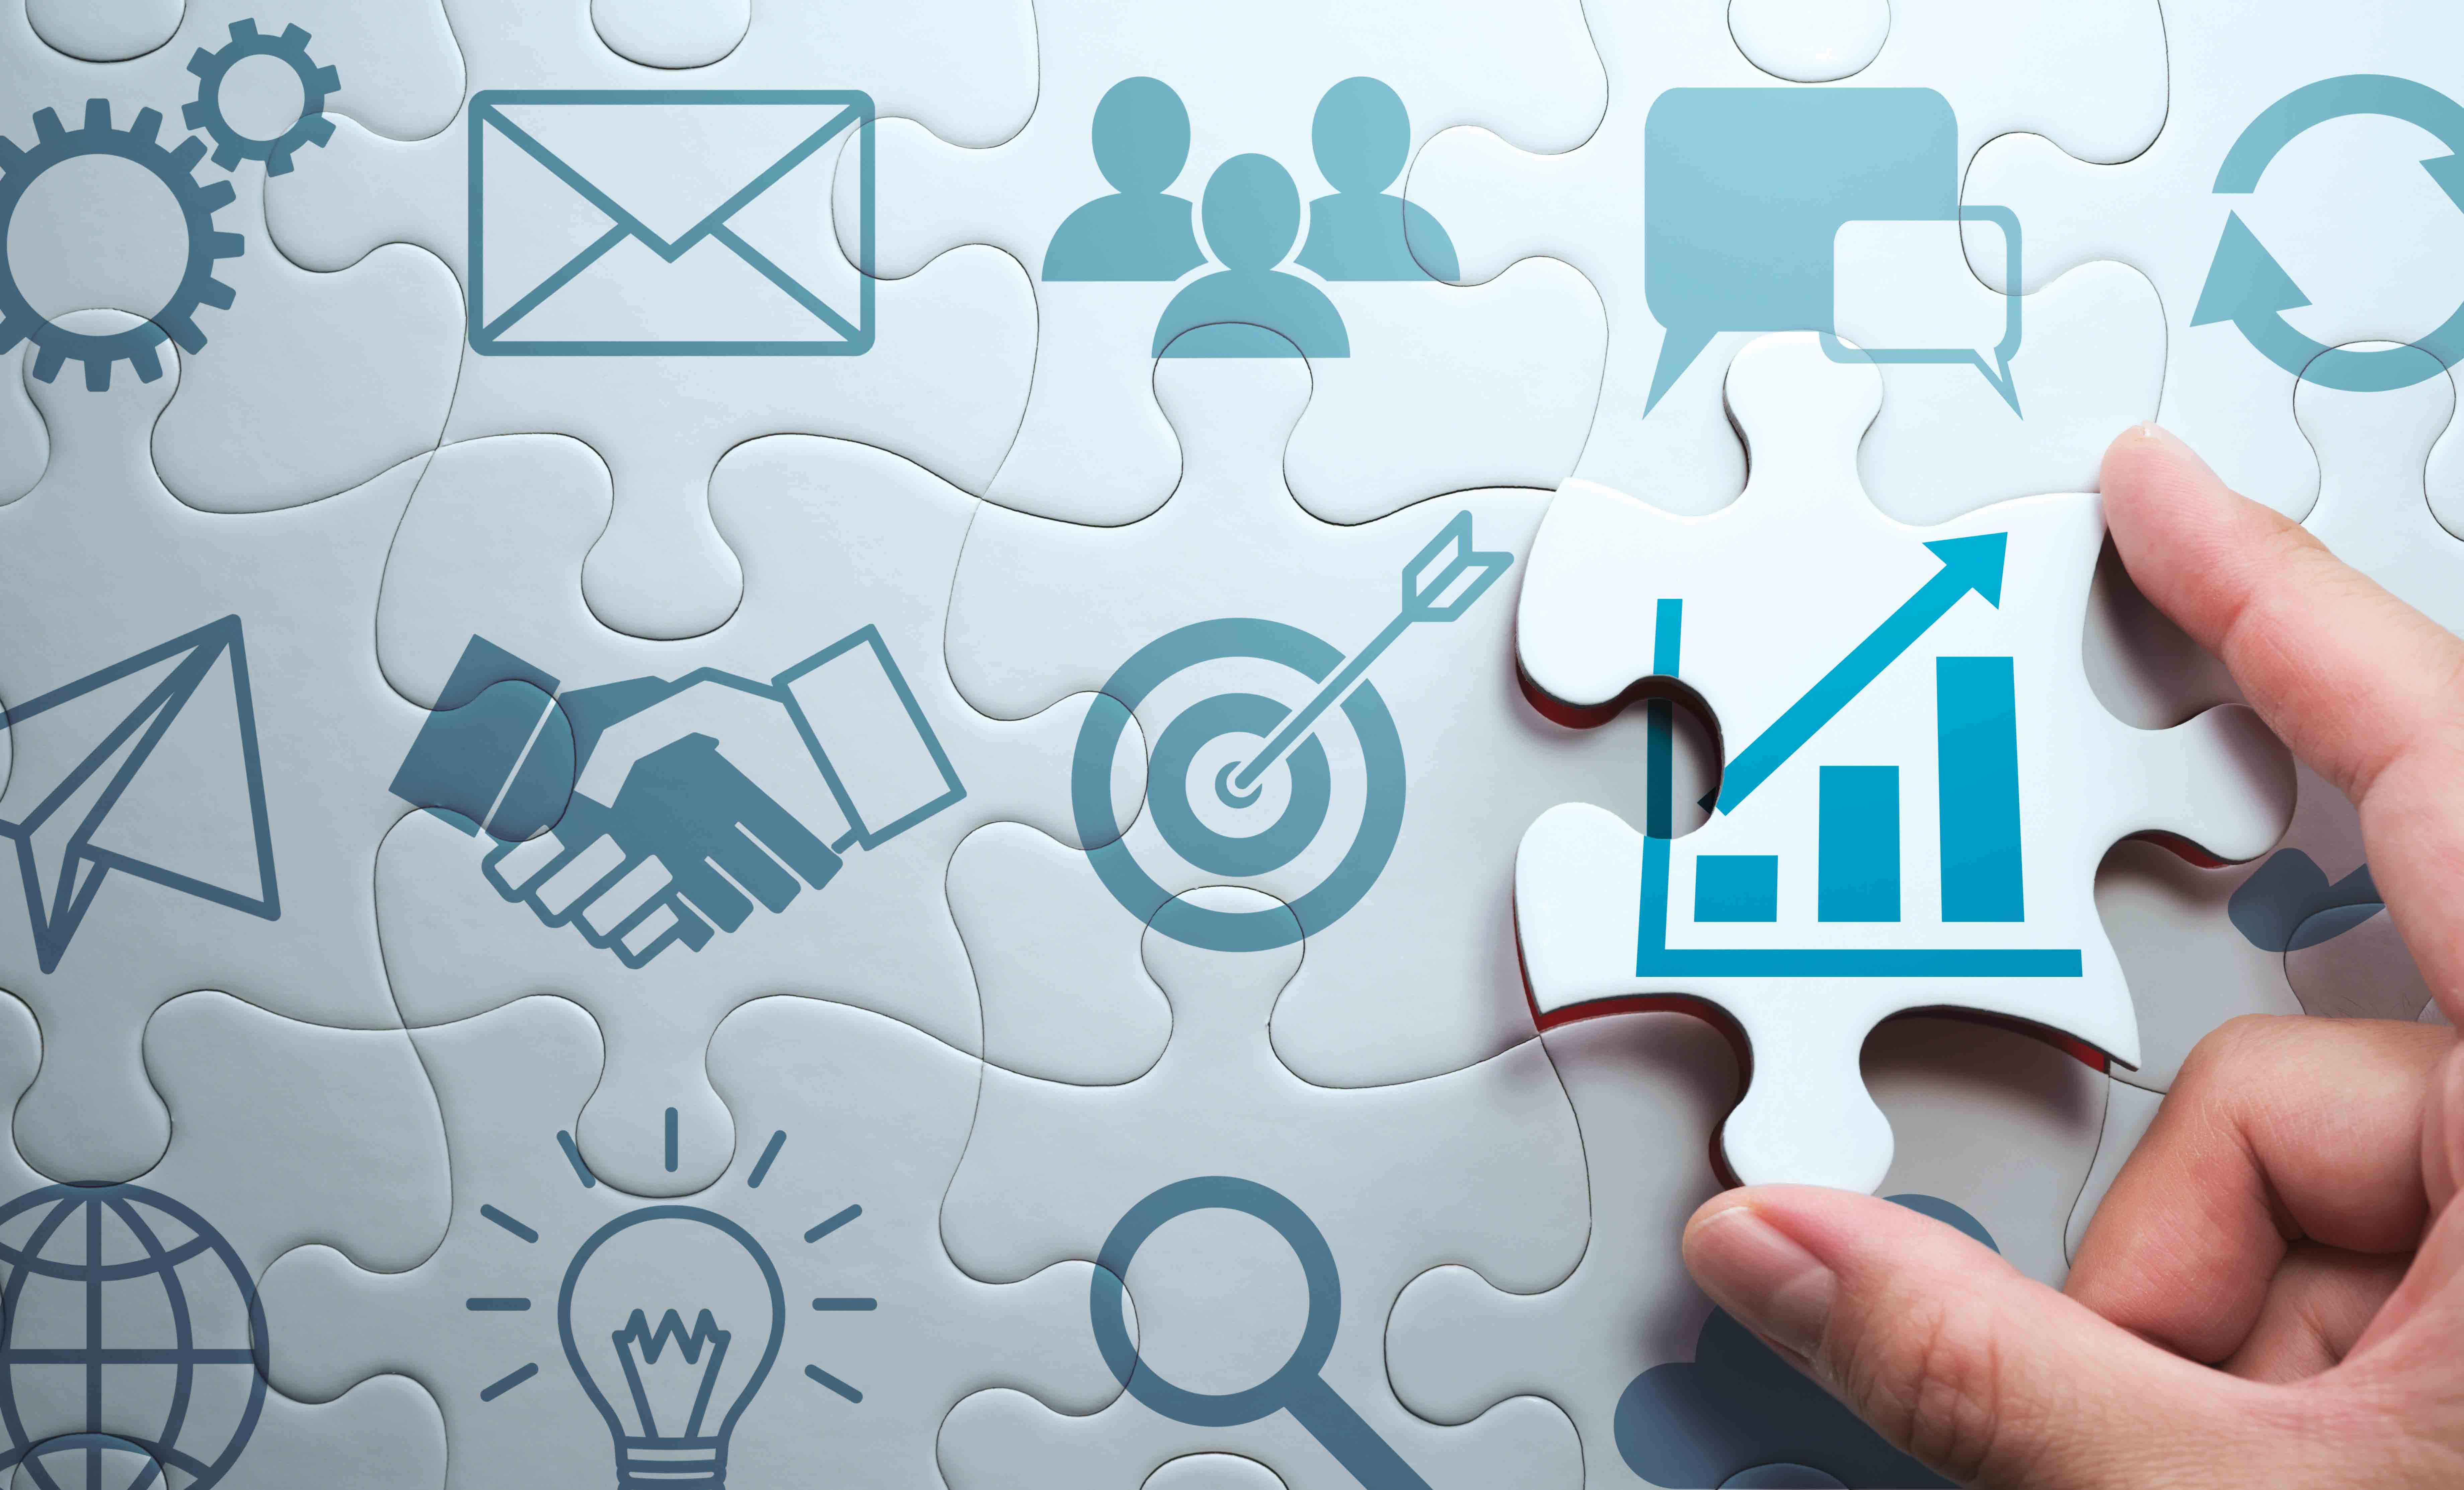 Consumidores bajo la lupa: marcas aplican más herramientas digitales para replantear estrategias comerciales ante el Covid-19